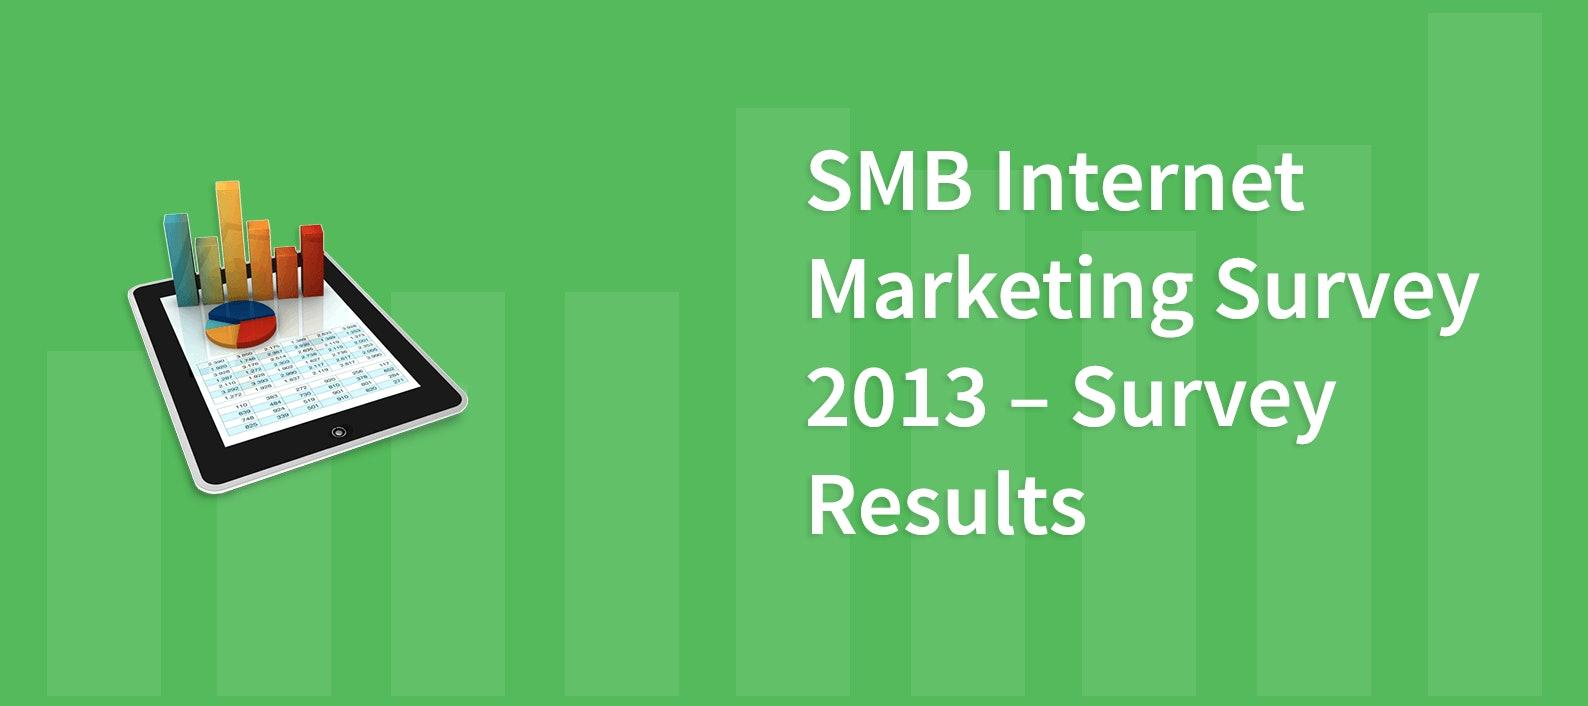 SMB Internet Marketing Survey 2013 – Survey Results